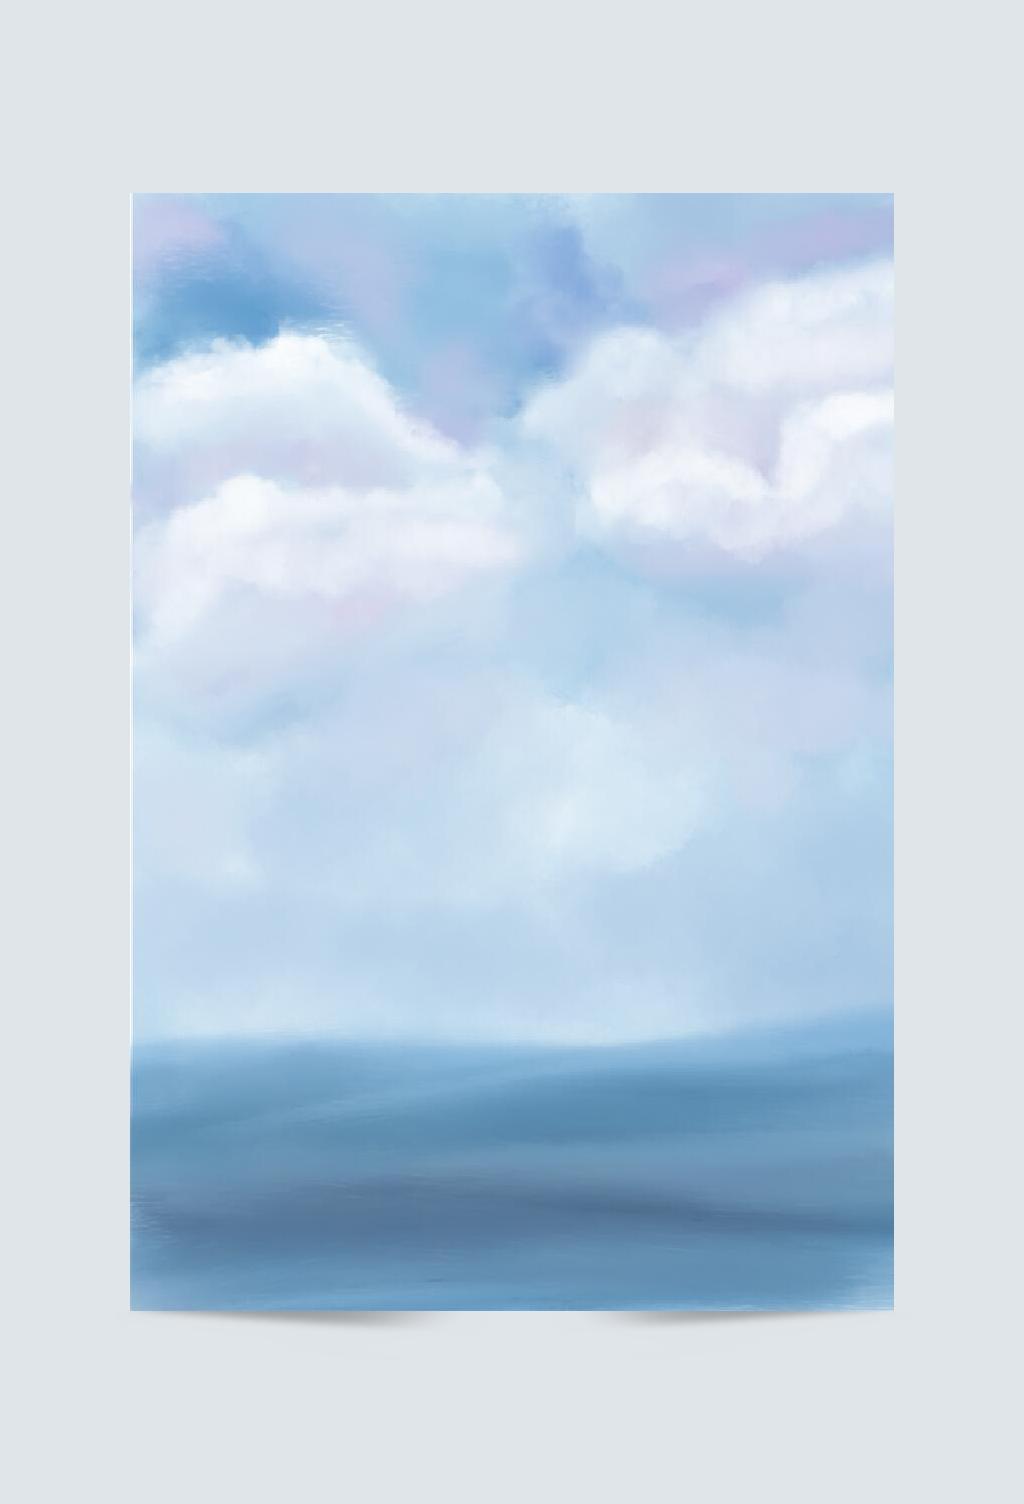 大海蓝天白云背景图